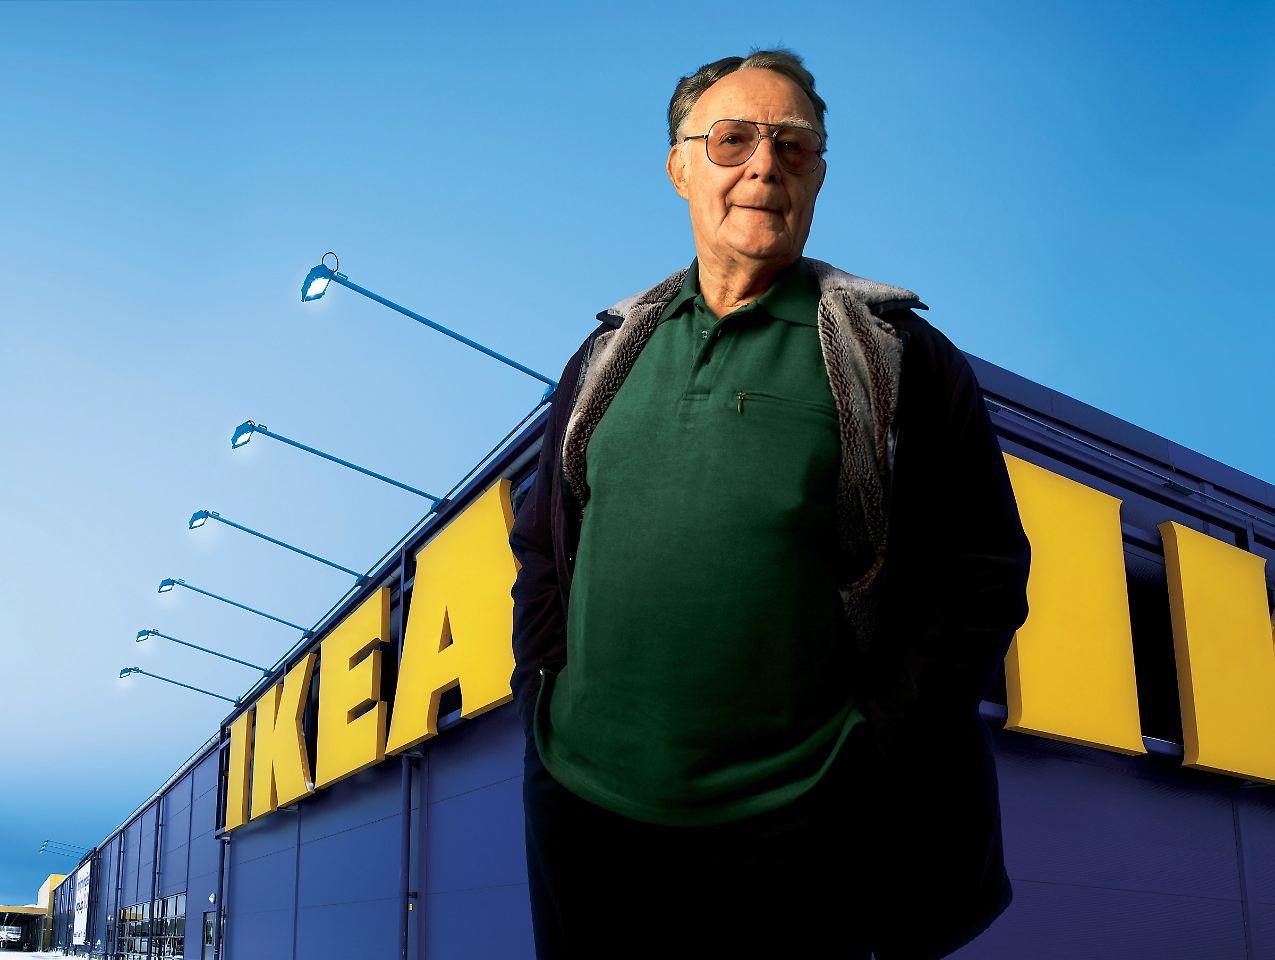 Möbel für die kleinen Leute: Ikea-Gründer Ingvar Kamprad ist tot - n ...